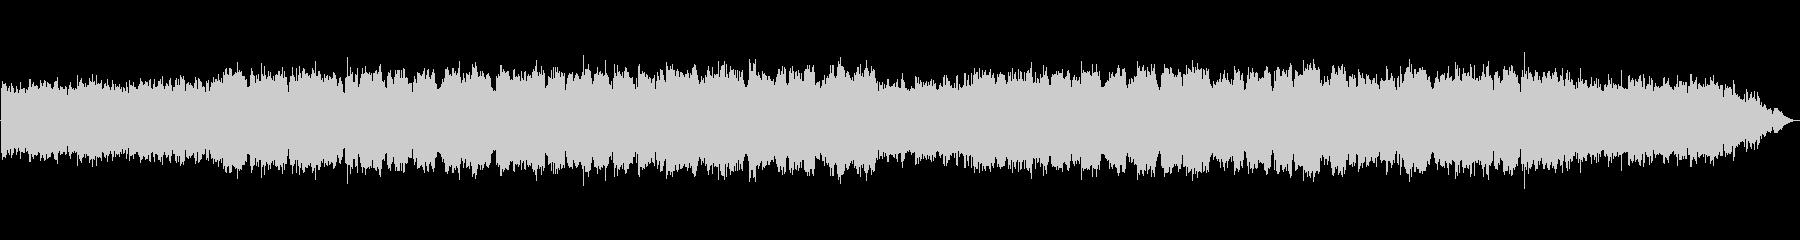 ほのぼの温かい笛のヒーリング音楽の未再生の波形